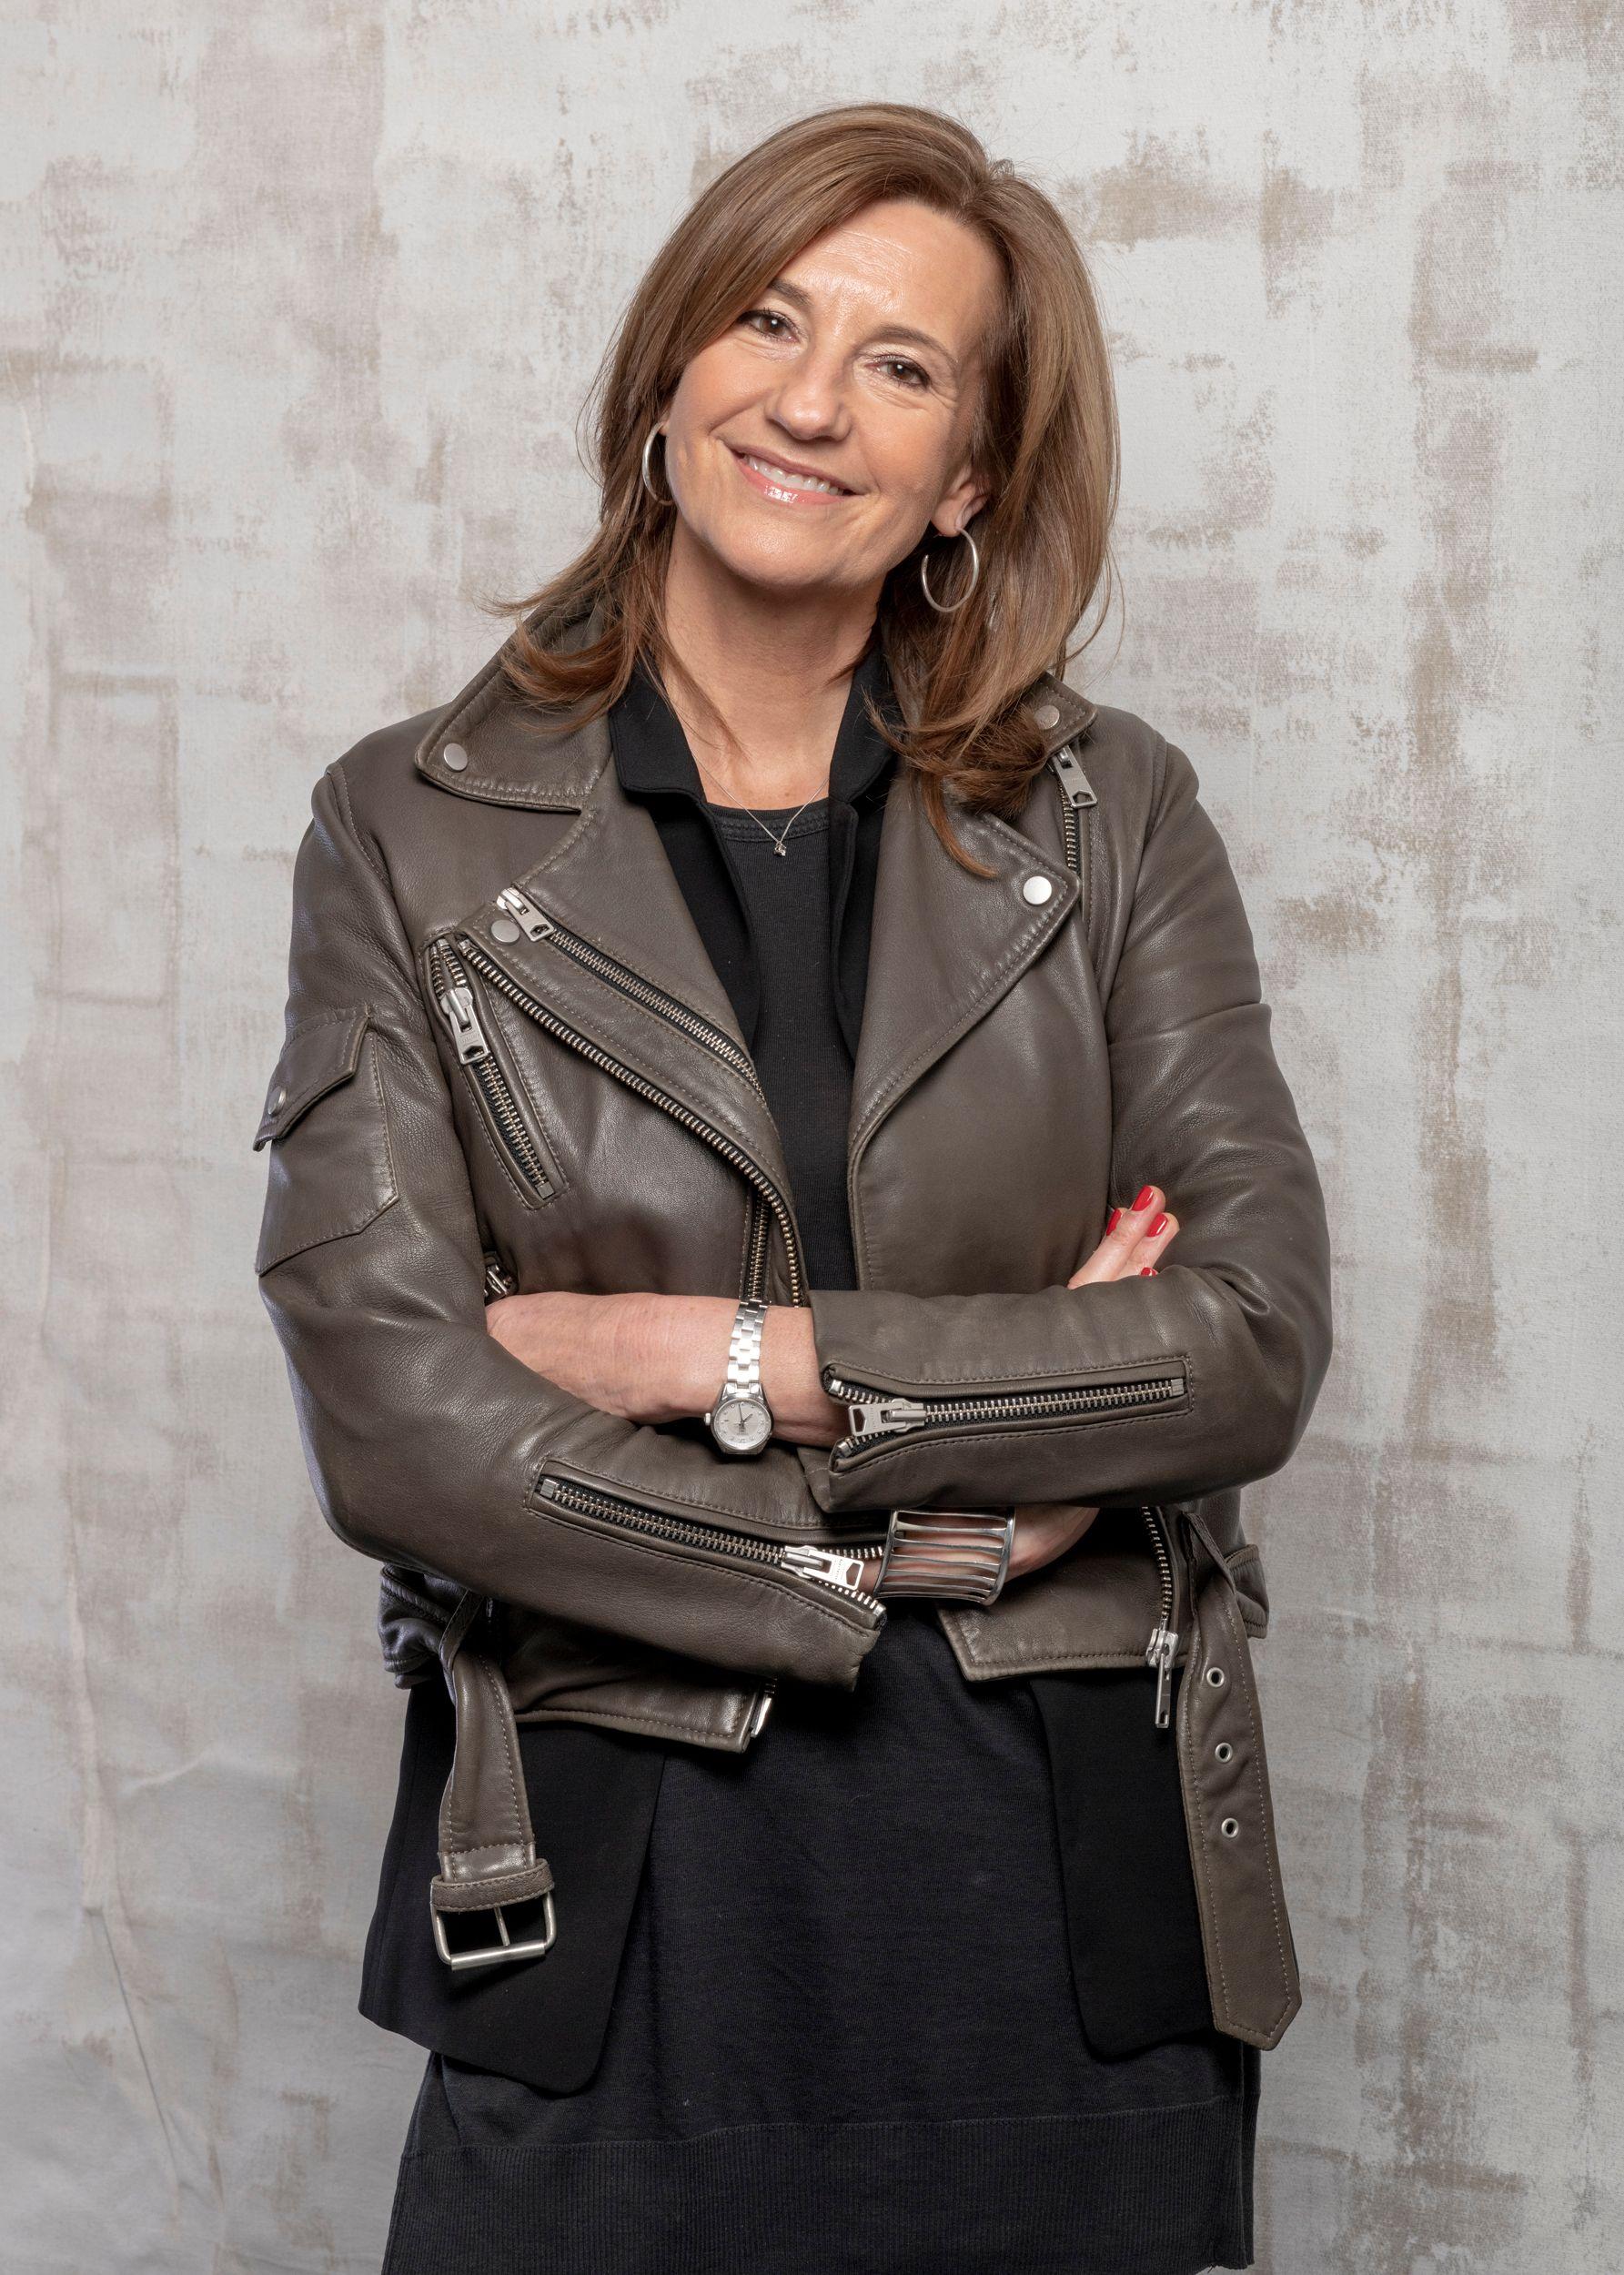 Sara Milne Rowe